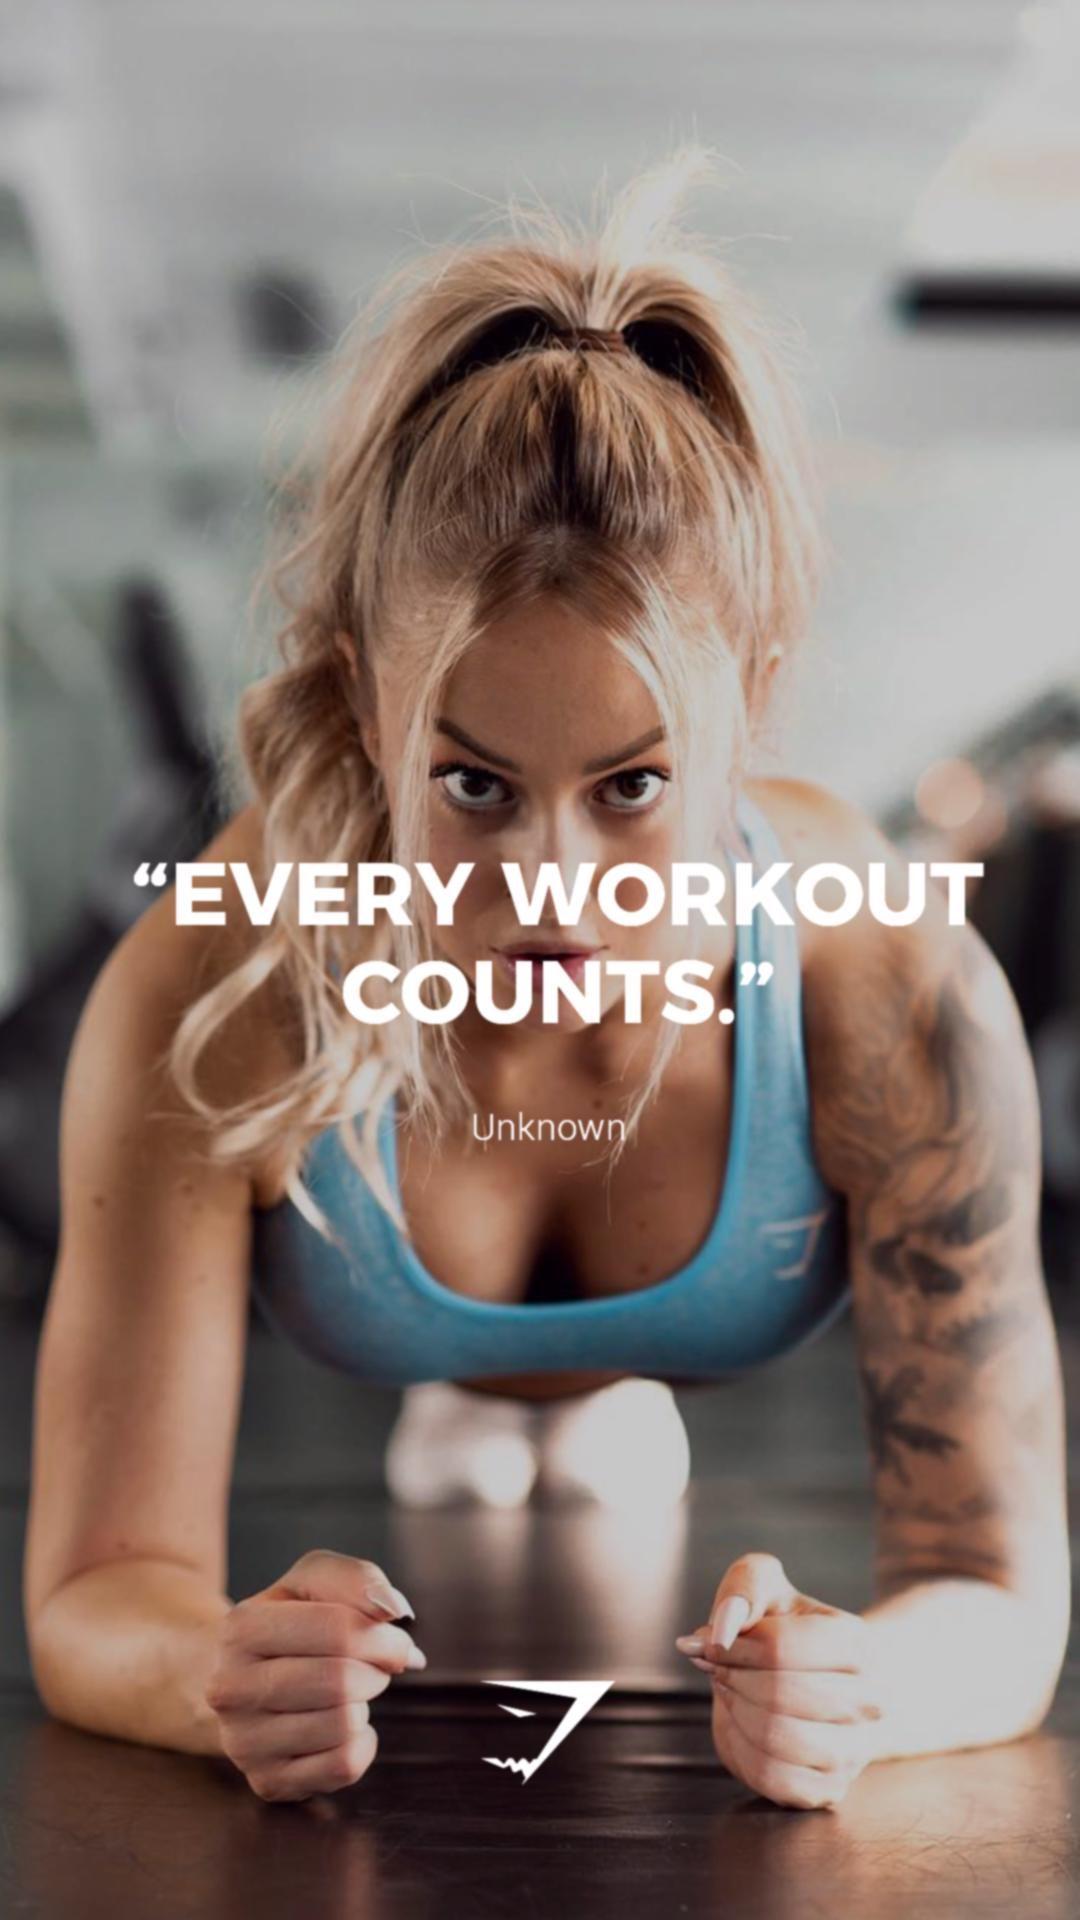 Gewichtsverlust Transformation im Fitnessstudio